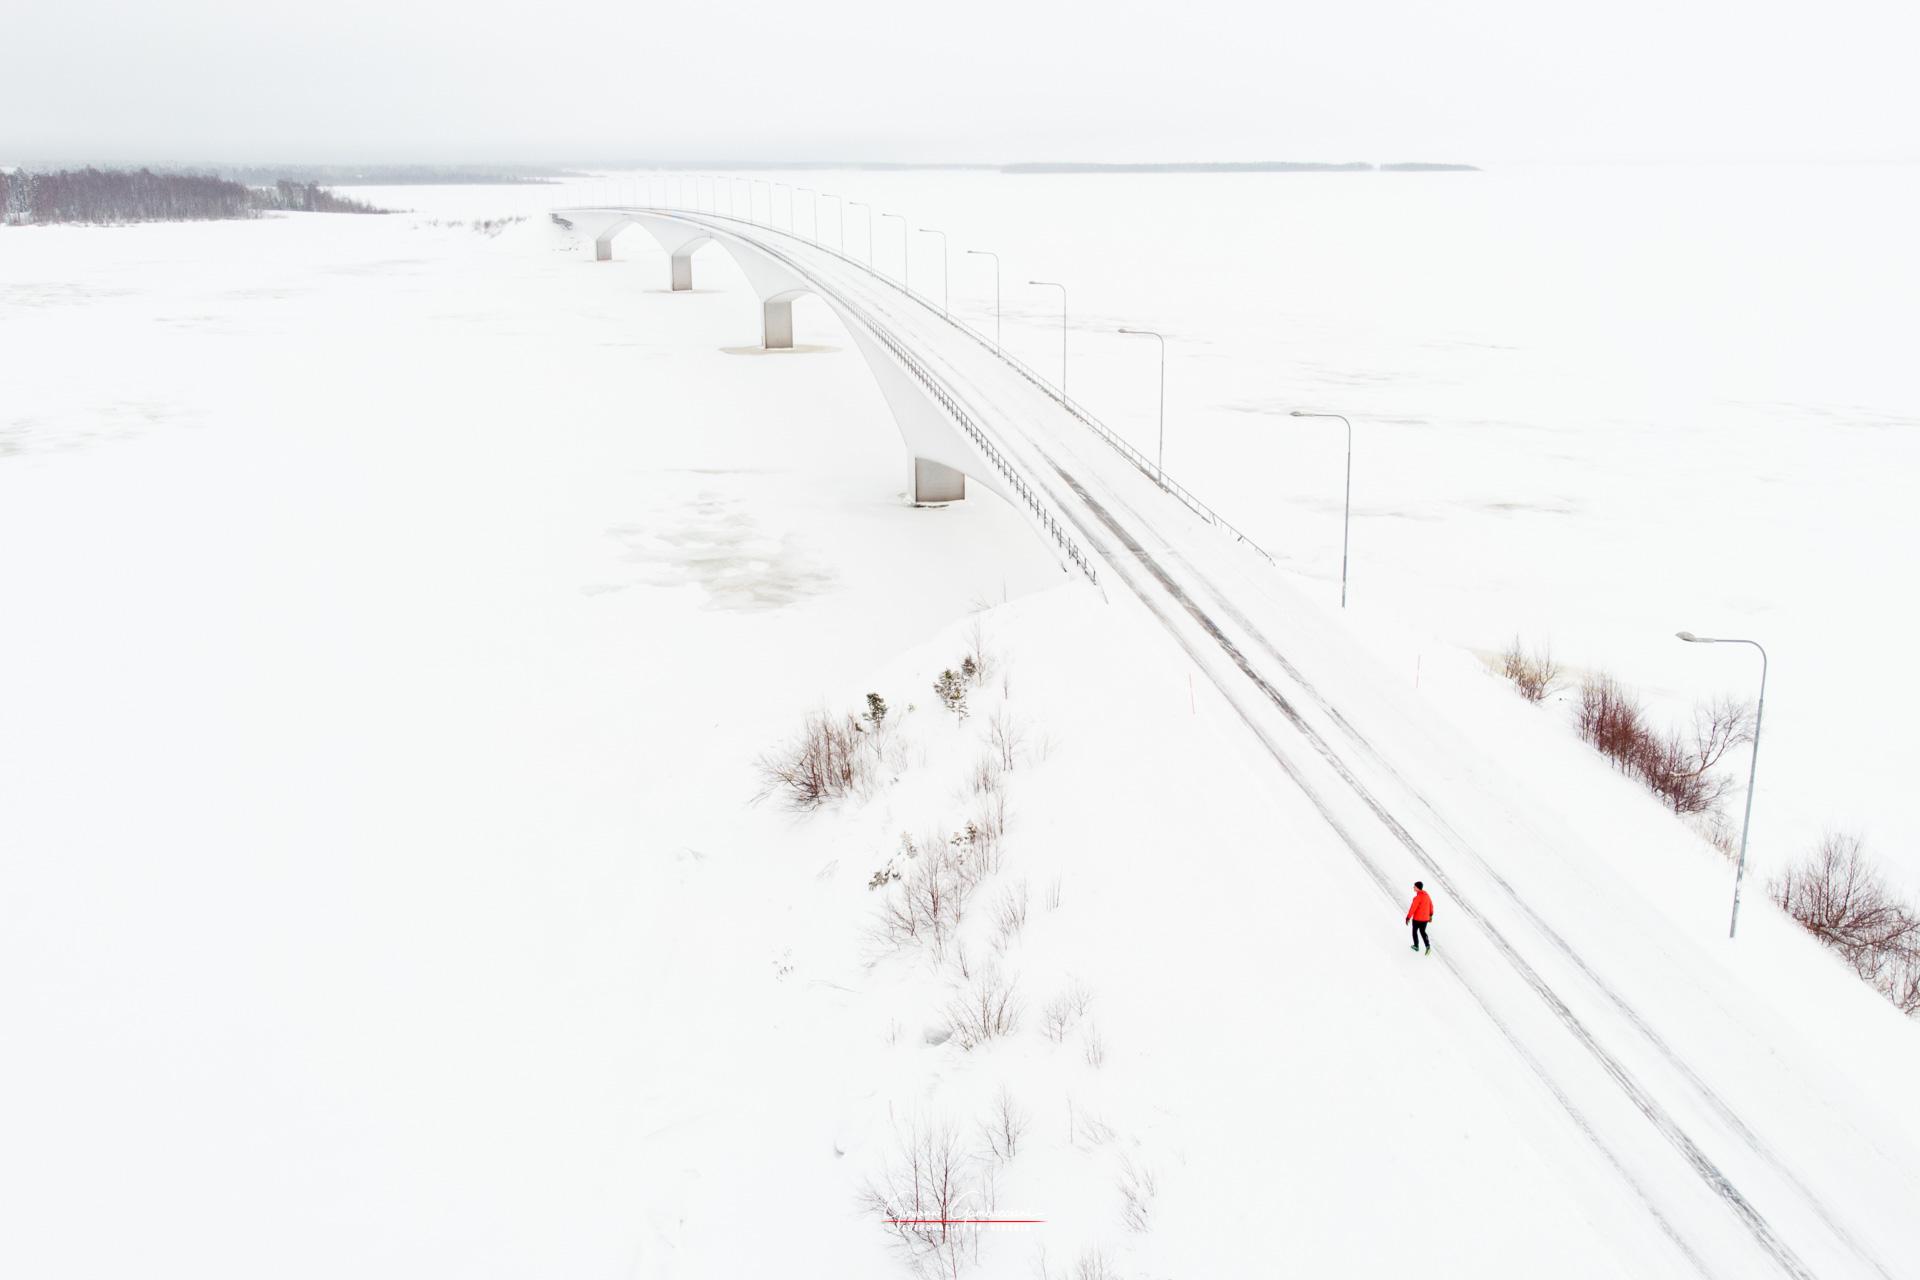 2019-02-10_Gambacciani-Lapponia-Norvegia-Finnmark-Viaggio-Febbraio-2019_0005_DJI_0121